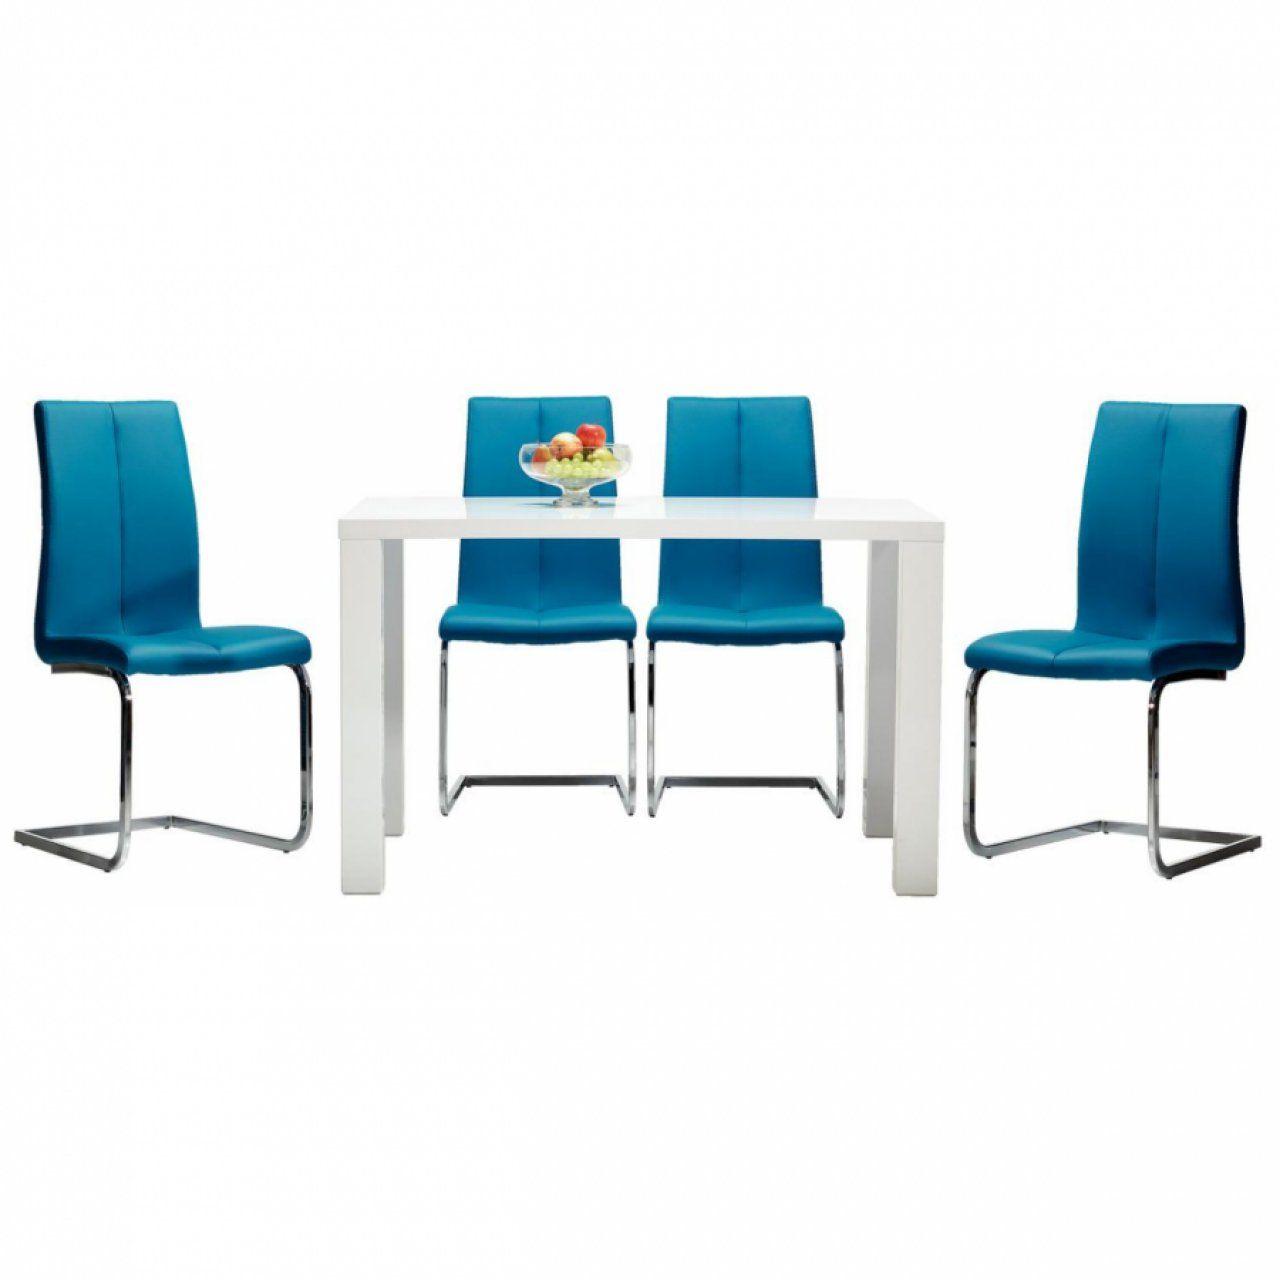 Great  Fabian asztal kika V rjuk nt a kika vil g ban